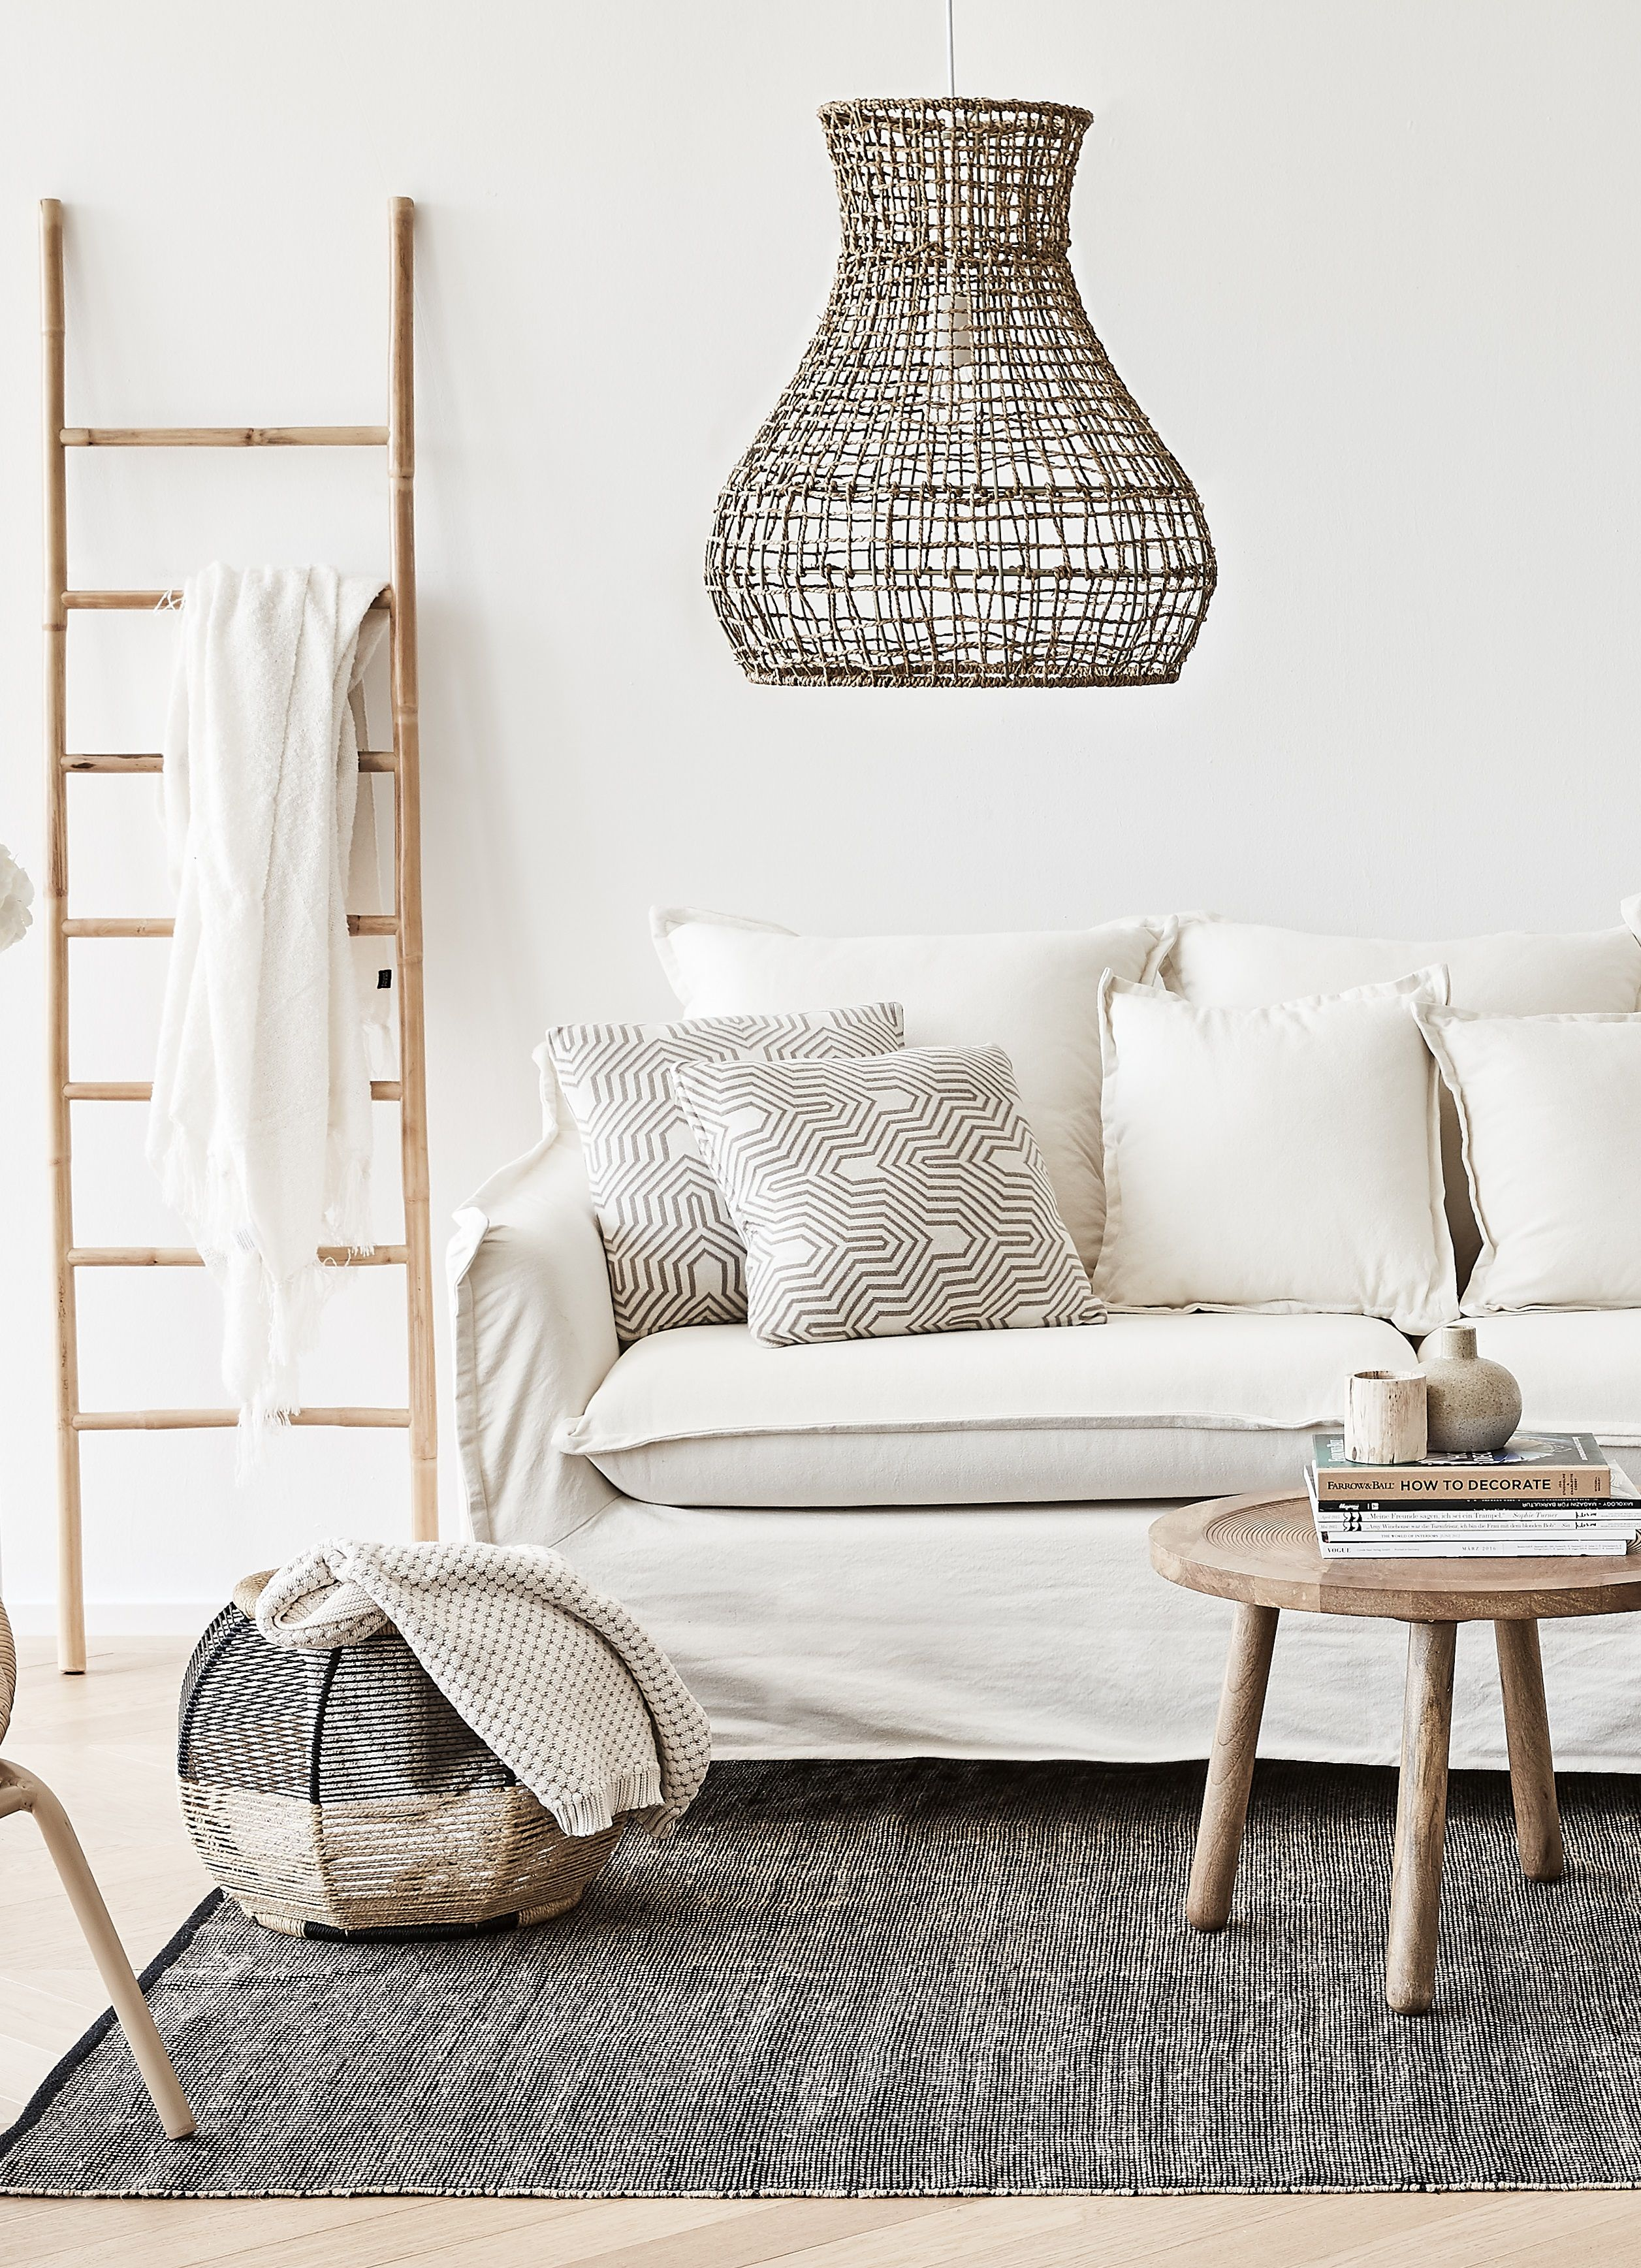 Superb Das Sofa in Creme bringt dieses Wohnzimmer zum Strahlen Akzente aus nat rlichem Holz Jute und Rattan sorgen f r Gem tlichkeit Super Eyecatcher die